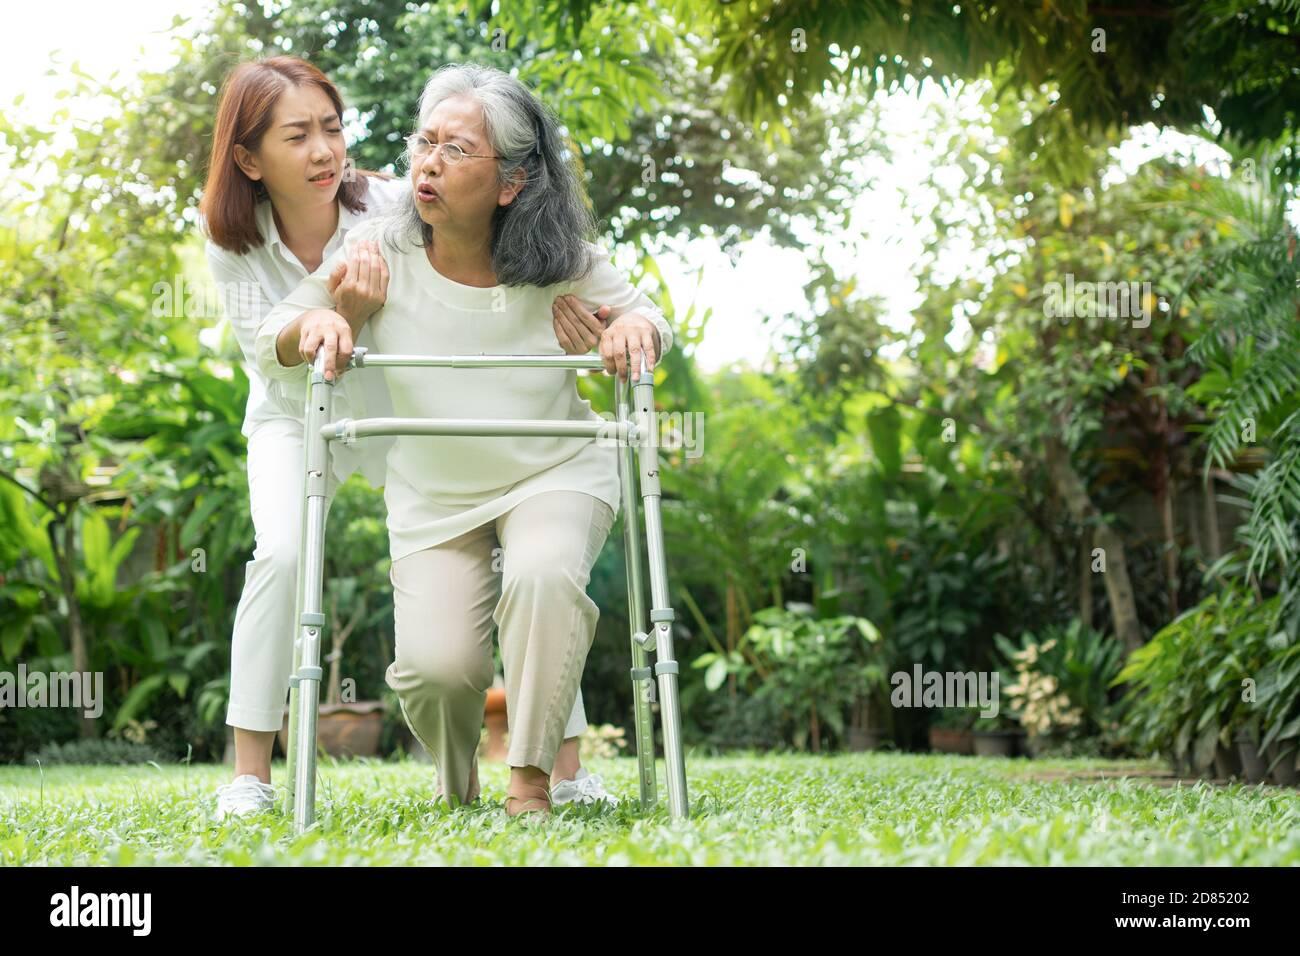 Donna anziana asiatica che cade a casa nel cortile causato da miastenia (debolezza muscolare) e la figlia è venuto per aiutare il sostegno. Concetto di vecchio e Foto Stock